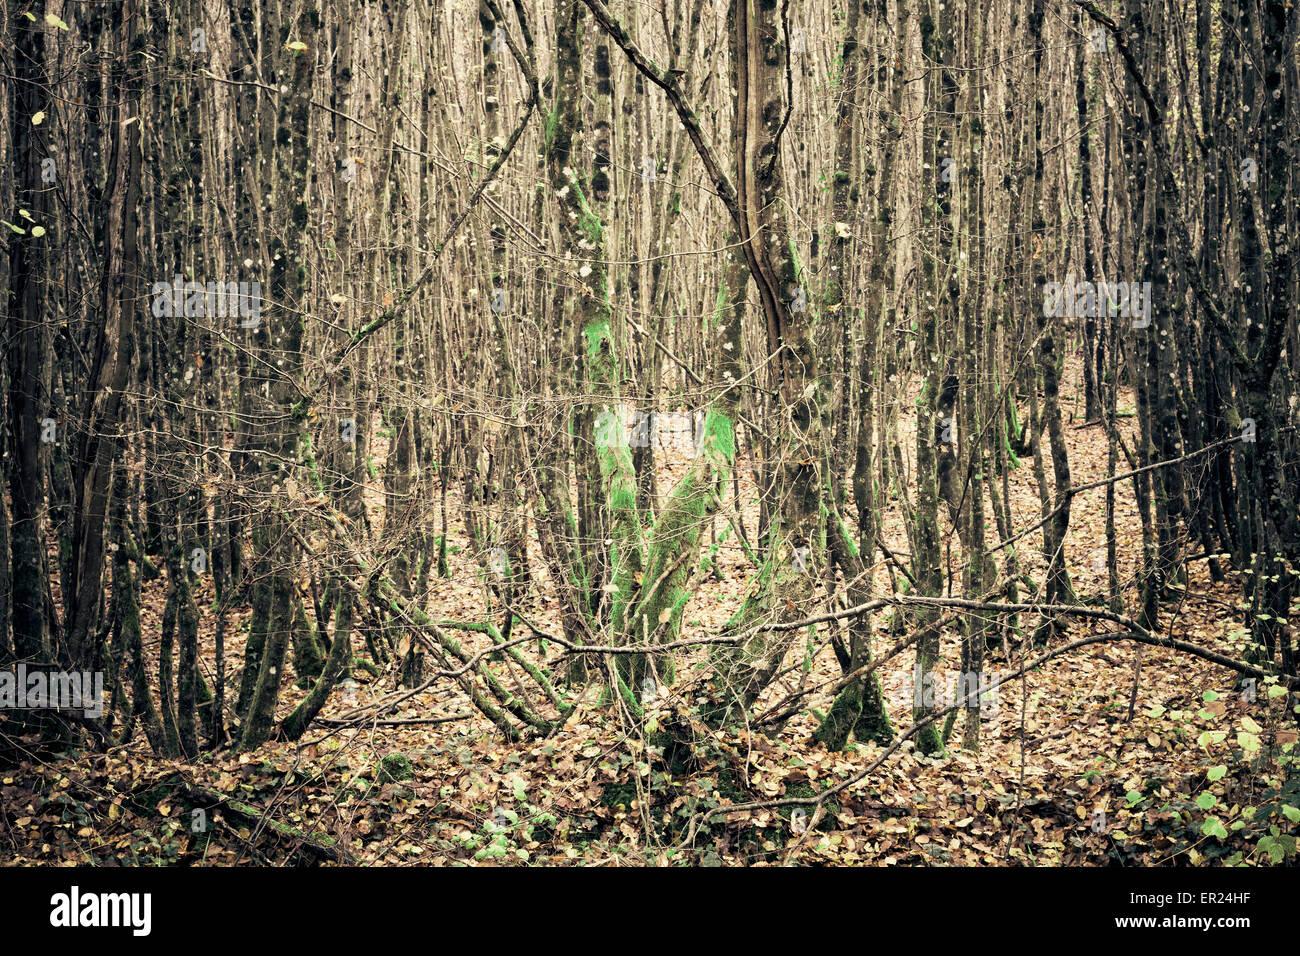 Albero gli alberi della foresta di legno Immagini Stock